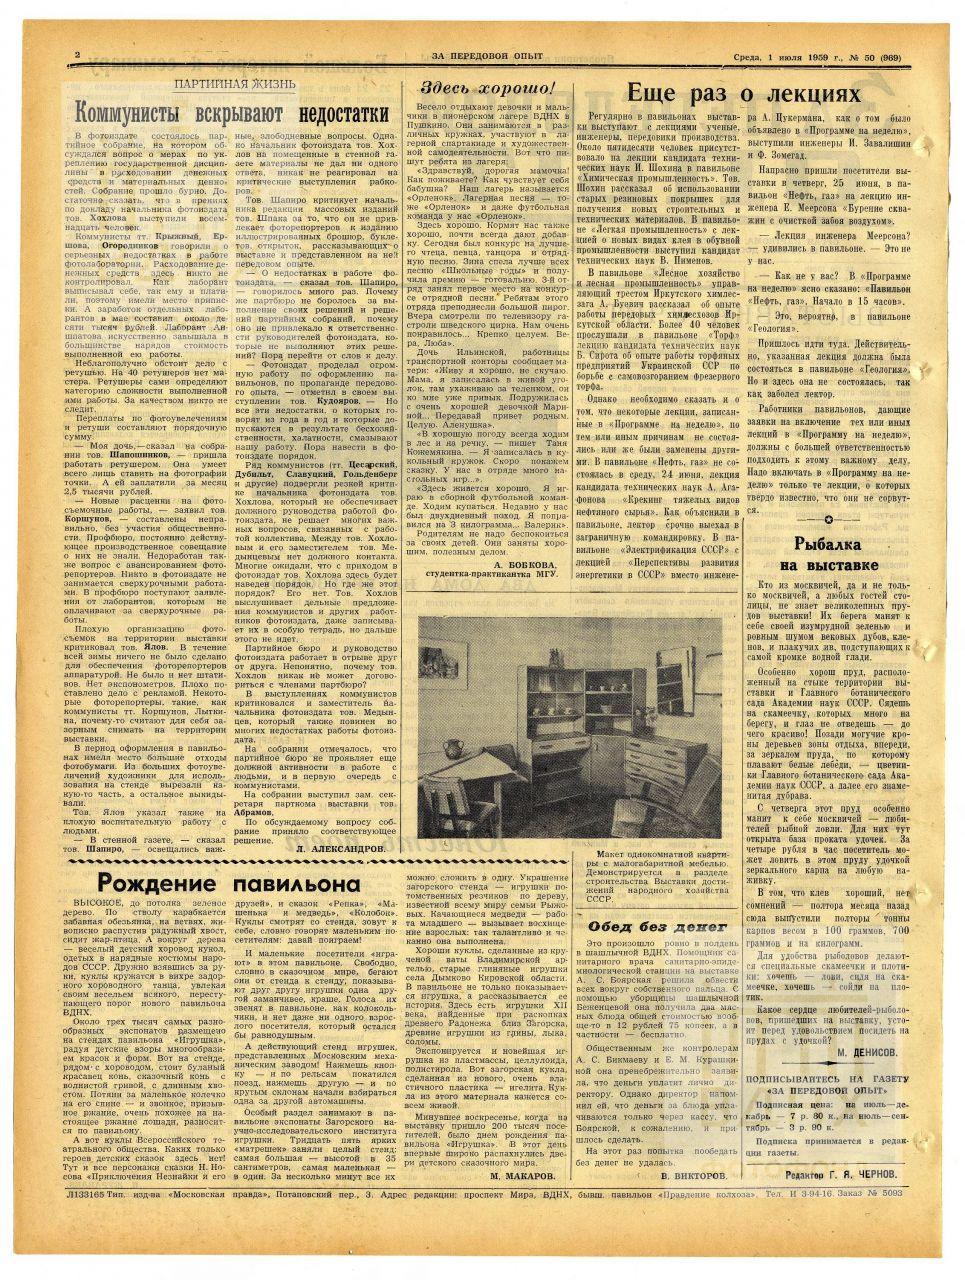 За передовой опыт. 1959, №50